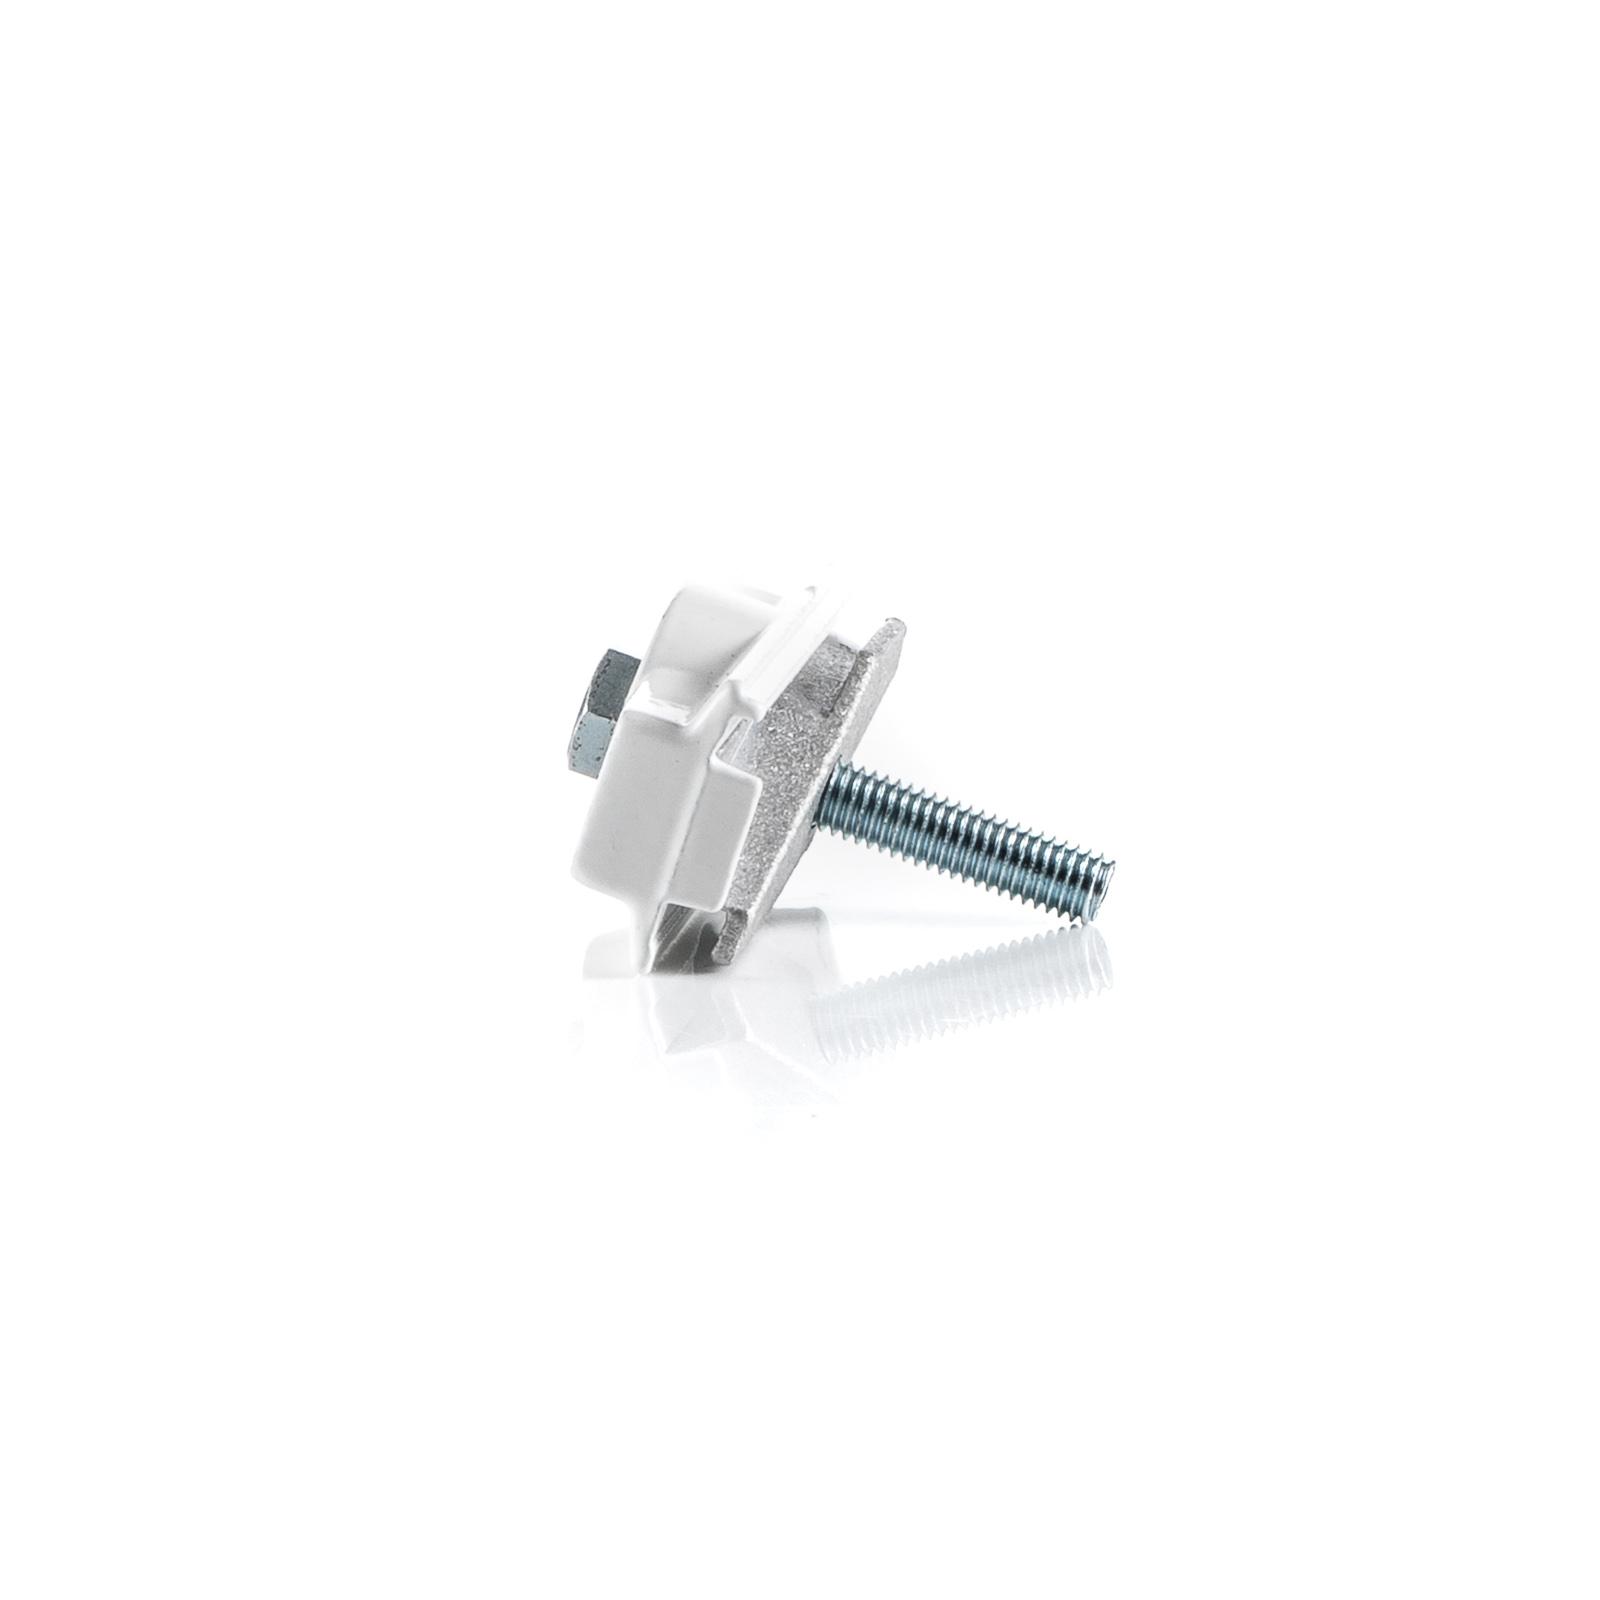 Ivela Adapter mechanisch, Schnellspanner, weiß